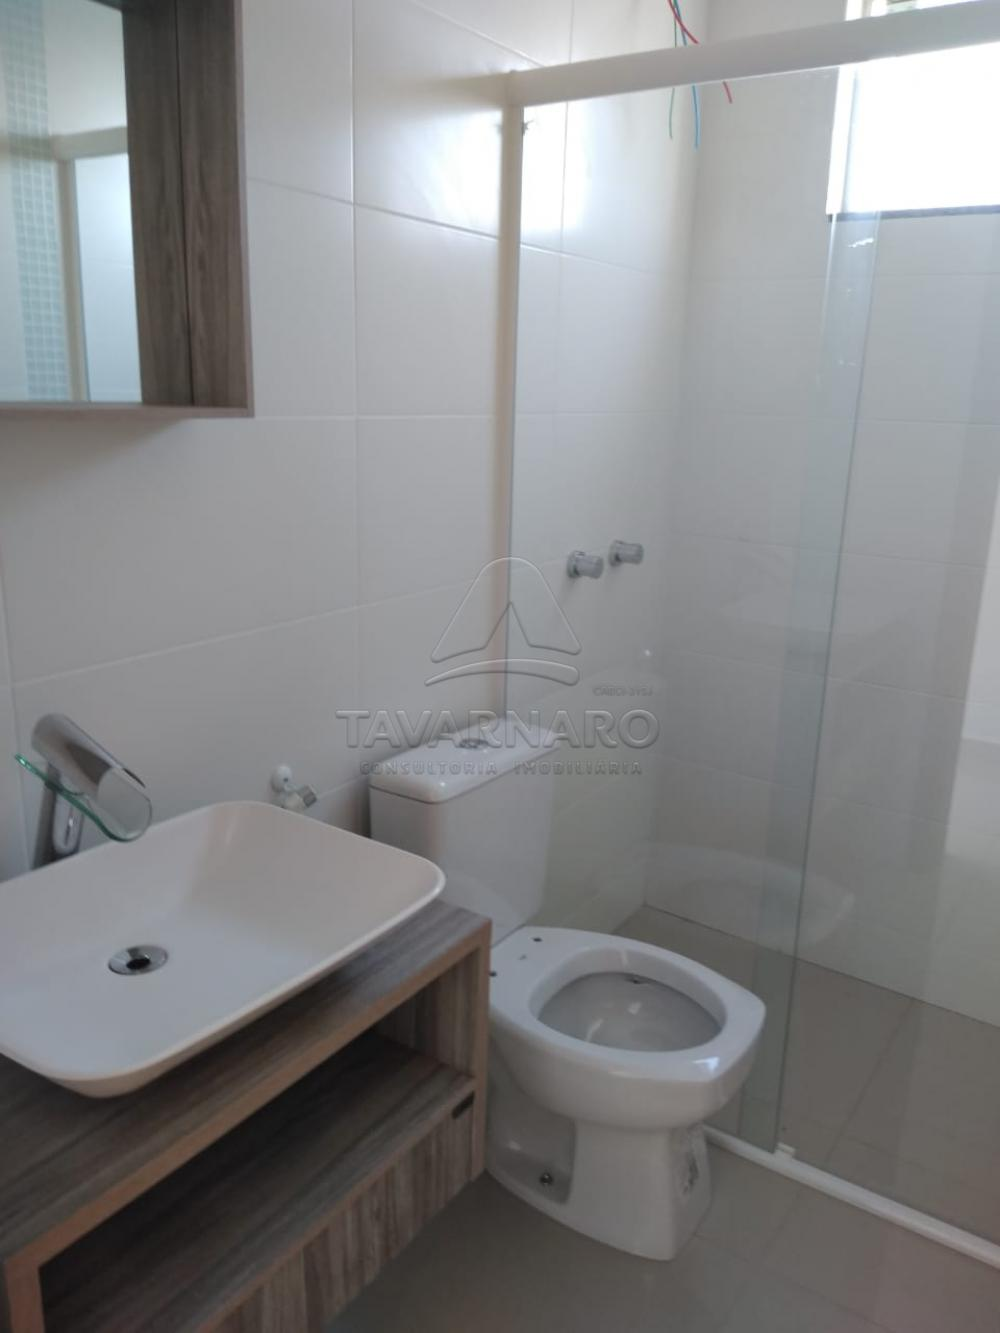 Comprar Apartamento / Padrão em Ponta Grossa apenas R$ 412.000,00 - Foto 8